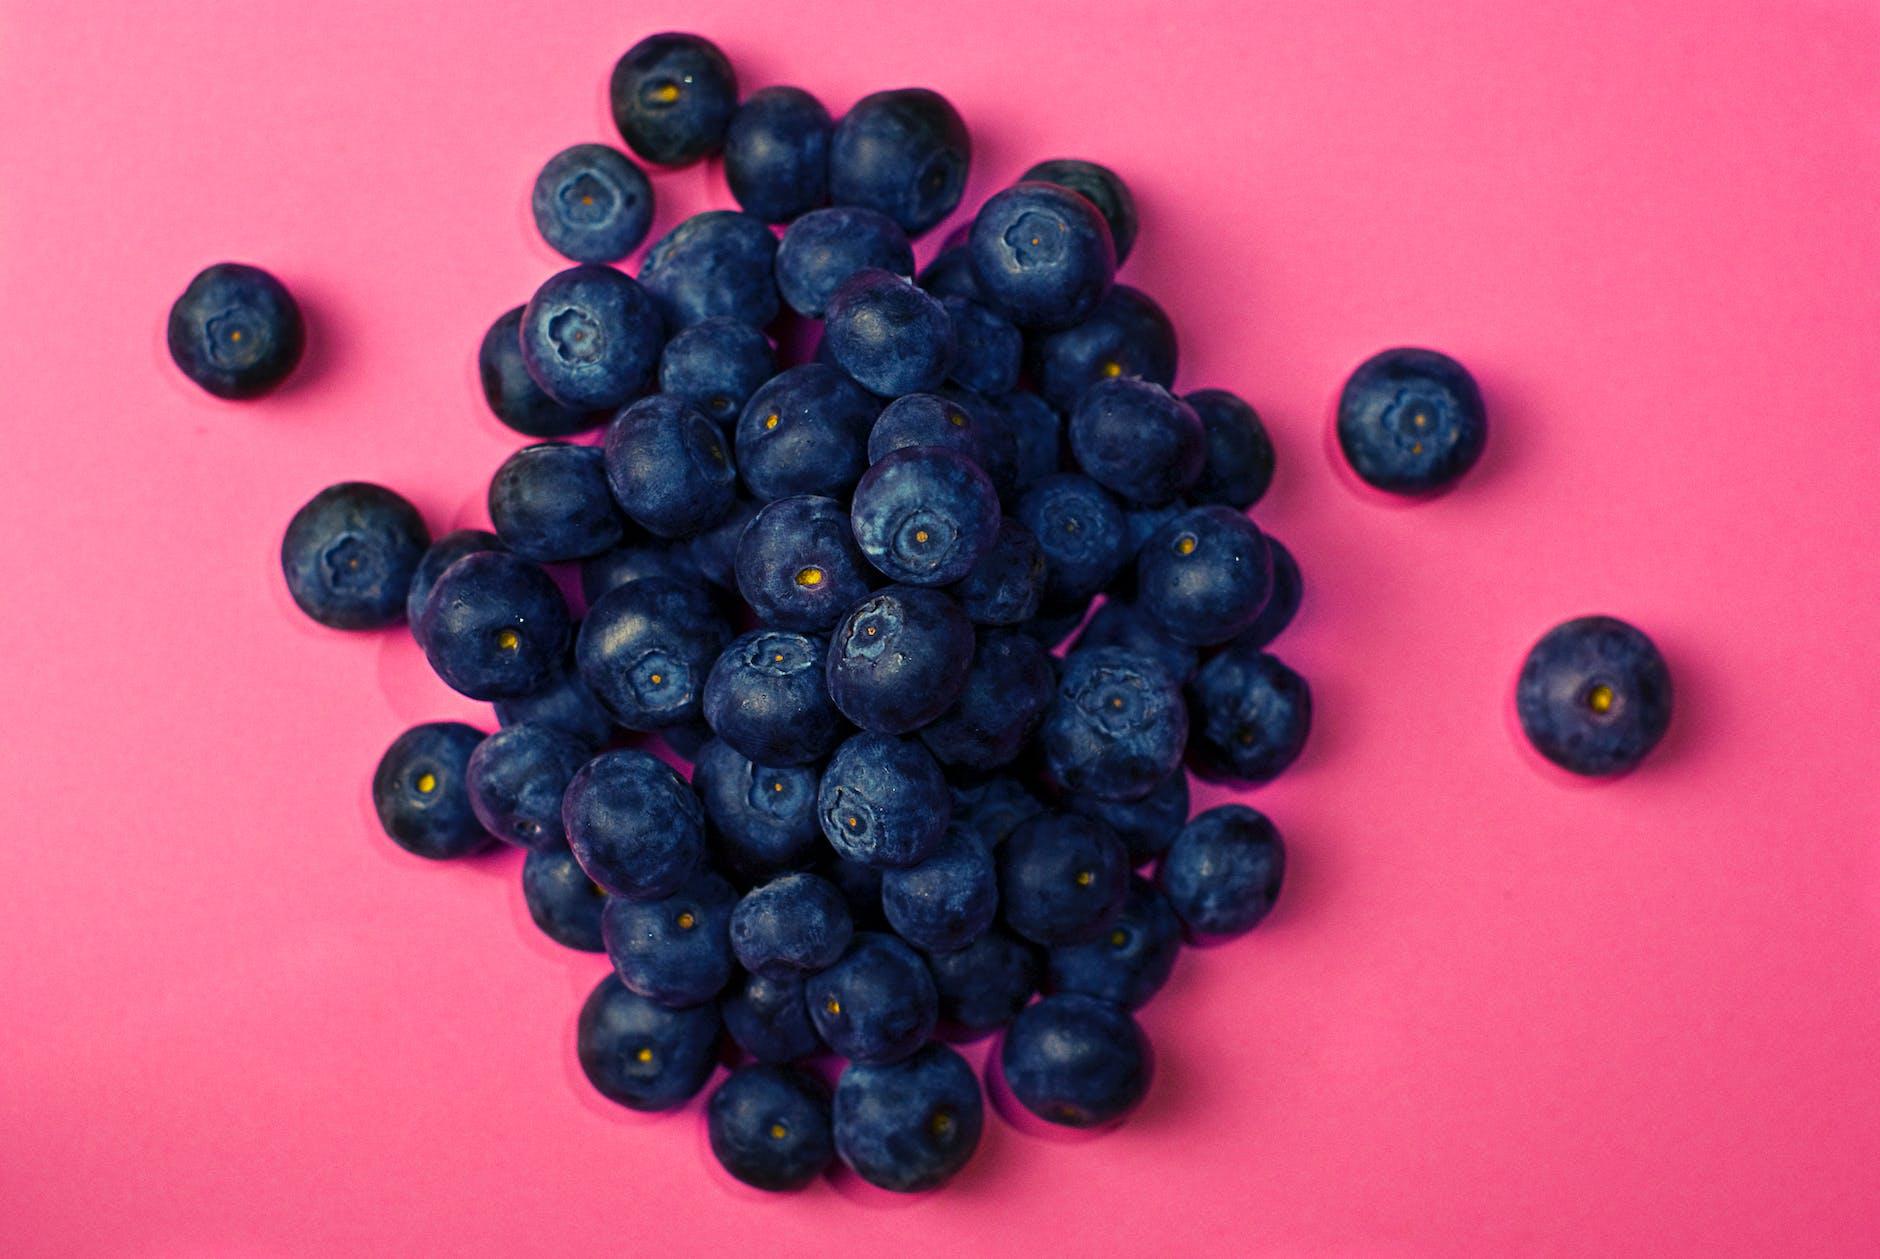 food blueberries berries